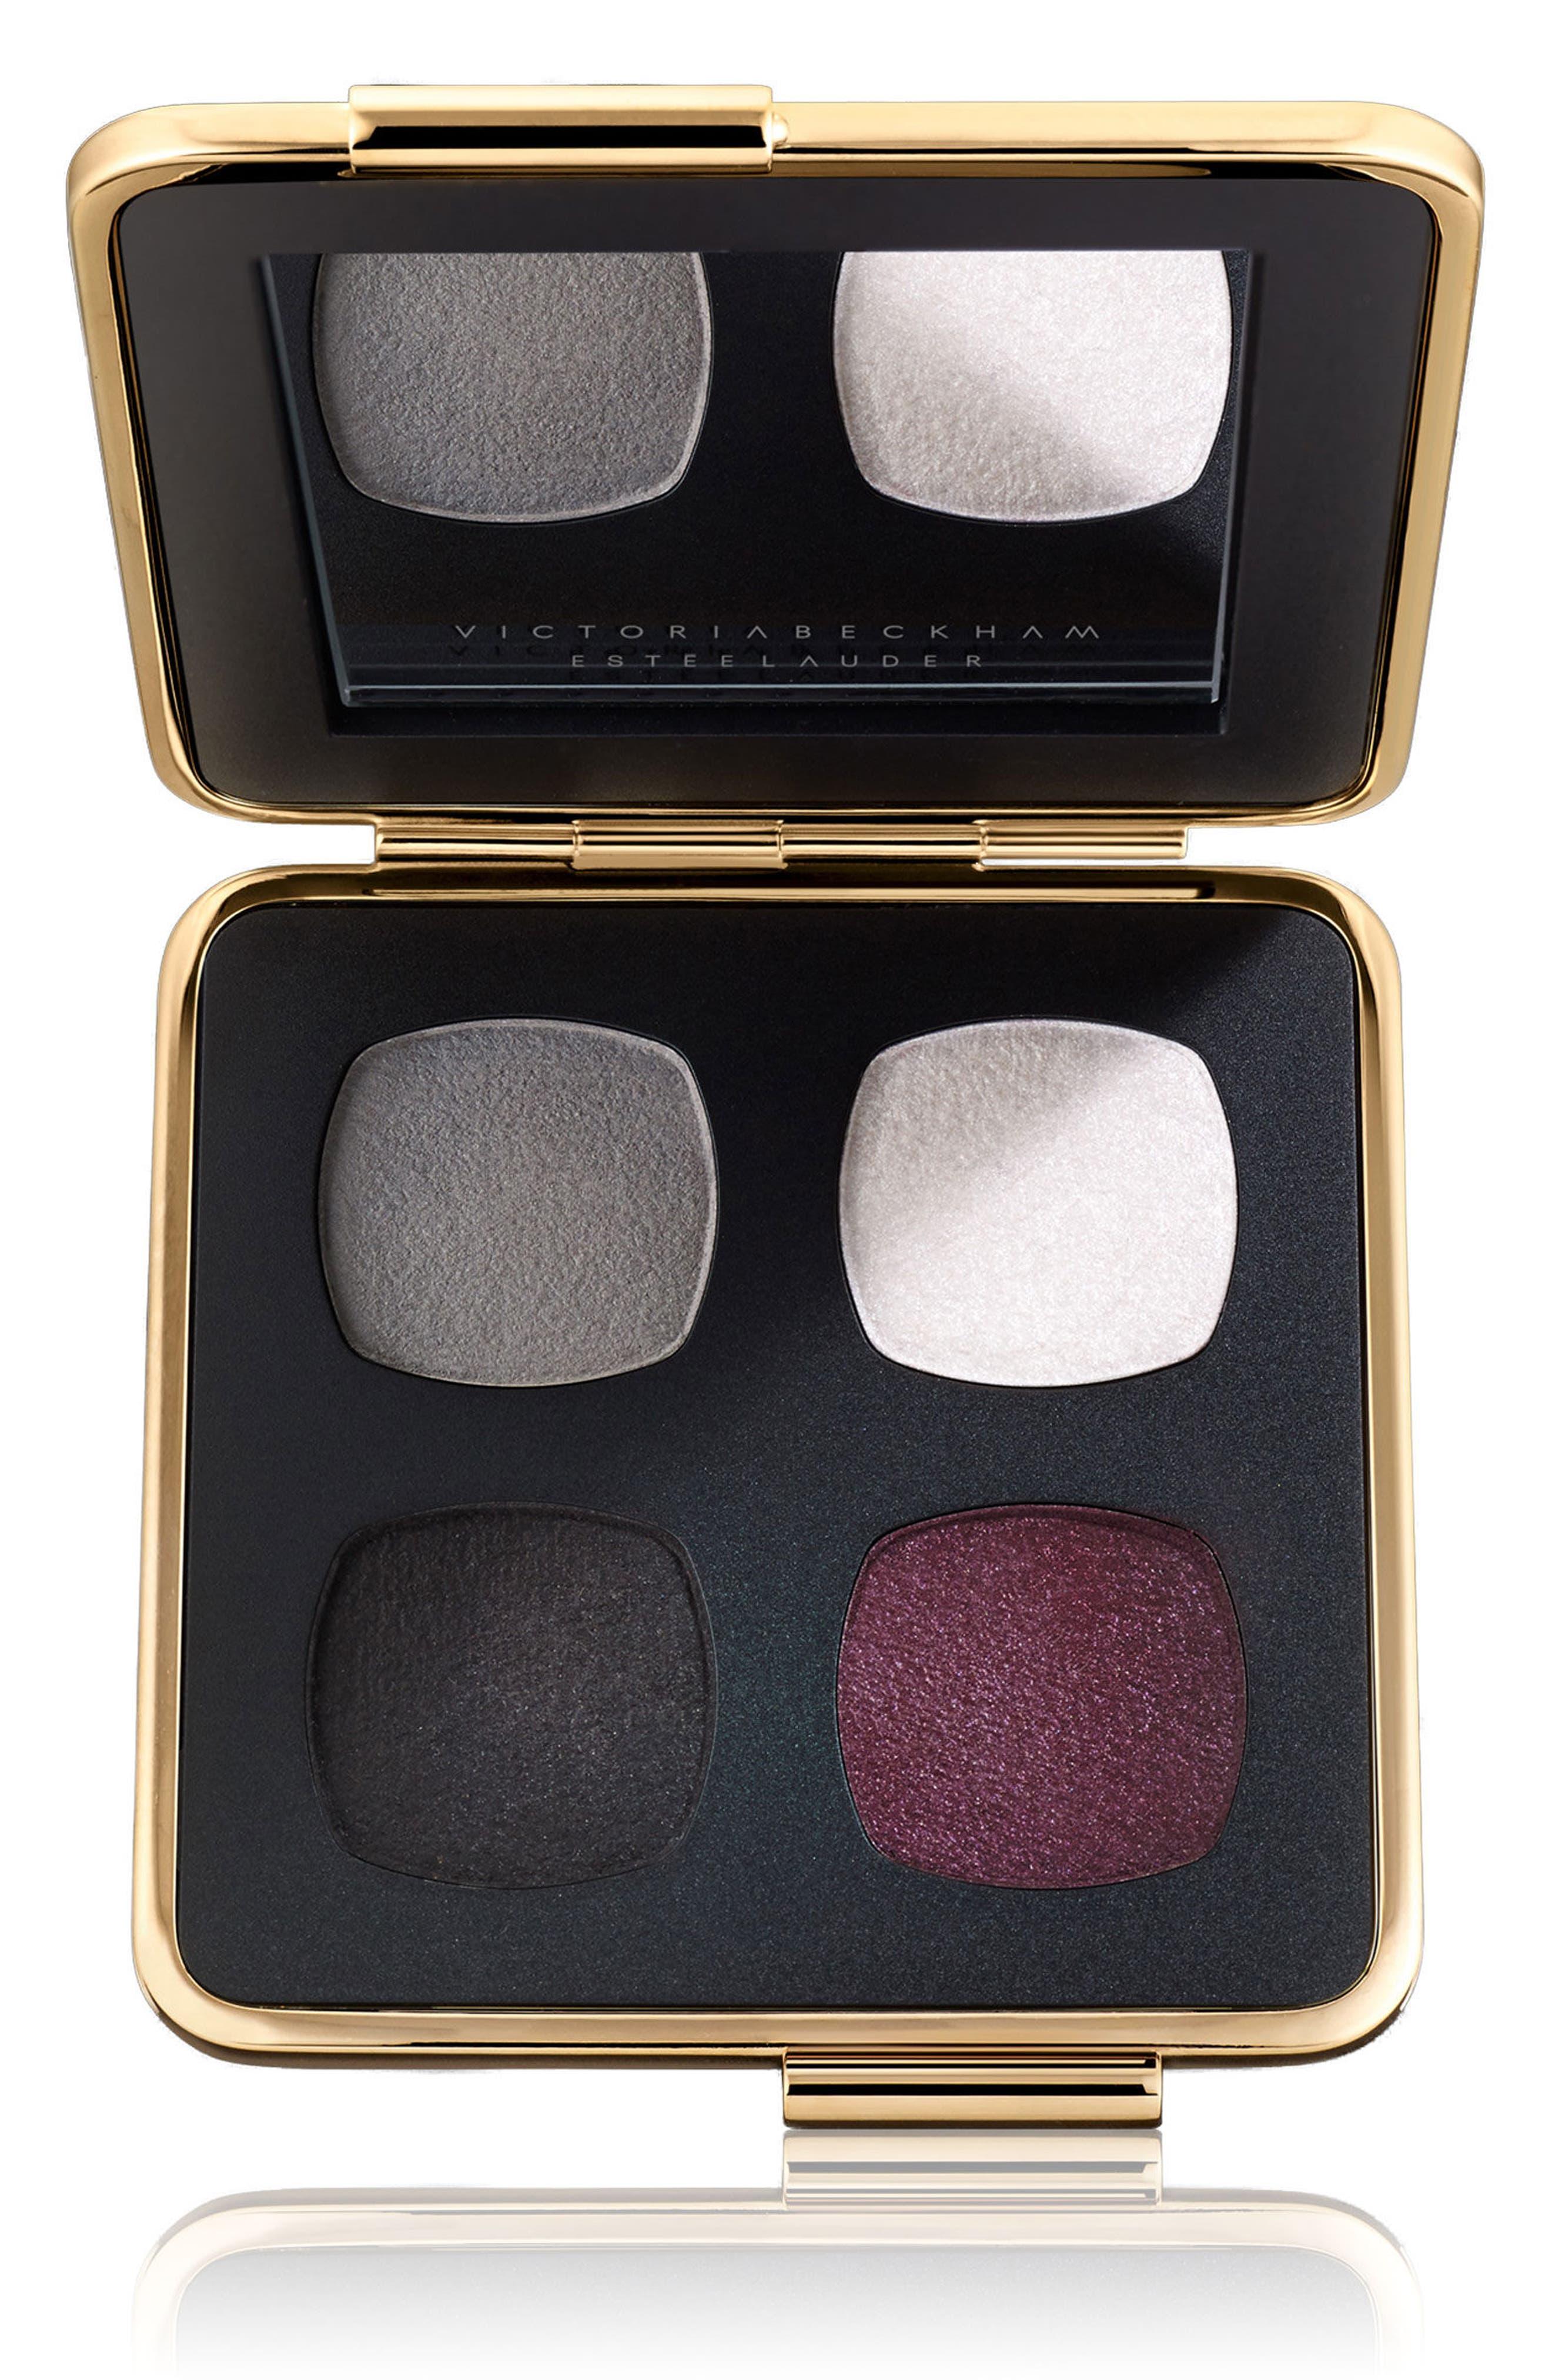 Victoria Beckham Eye Palette,                         Main,                         color, Blanc/ Gris/ Noir/ Bordeaux